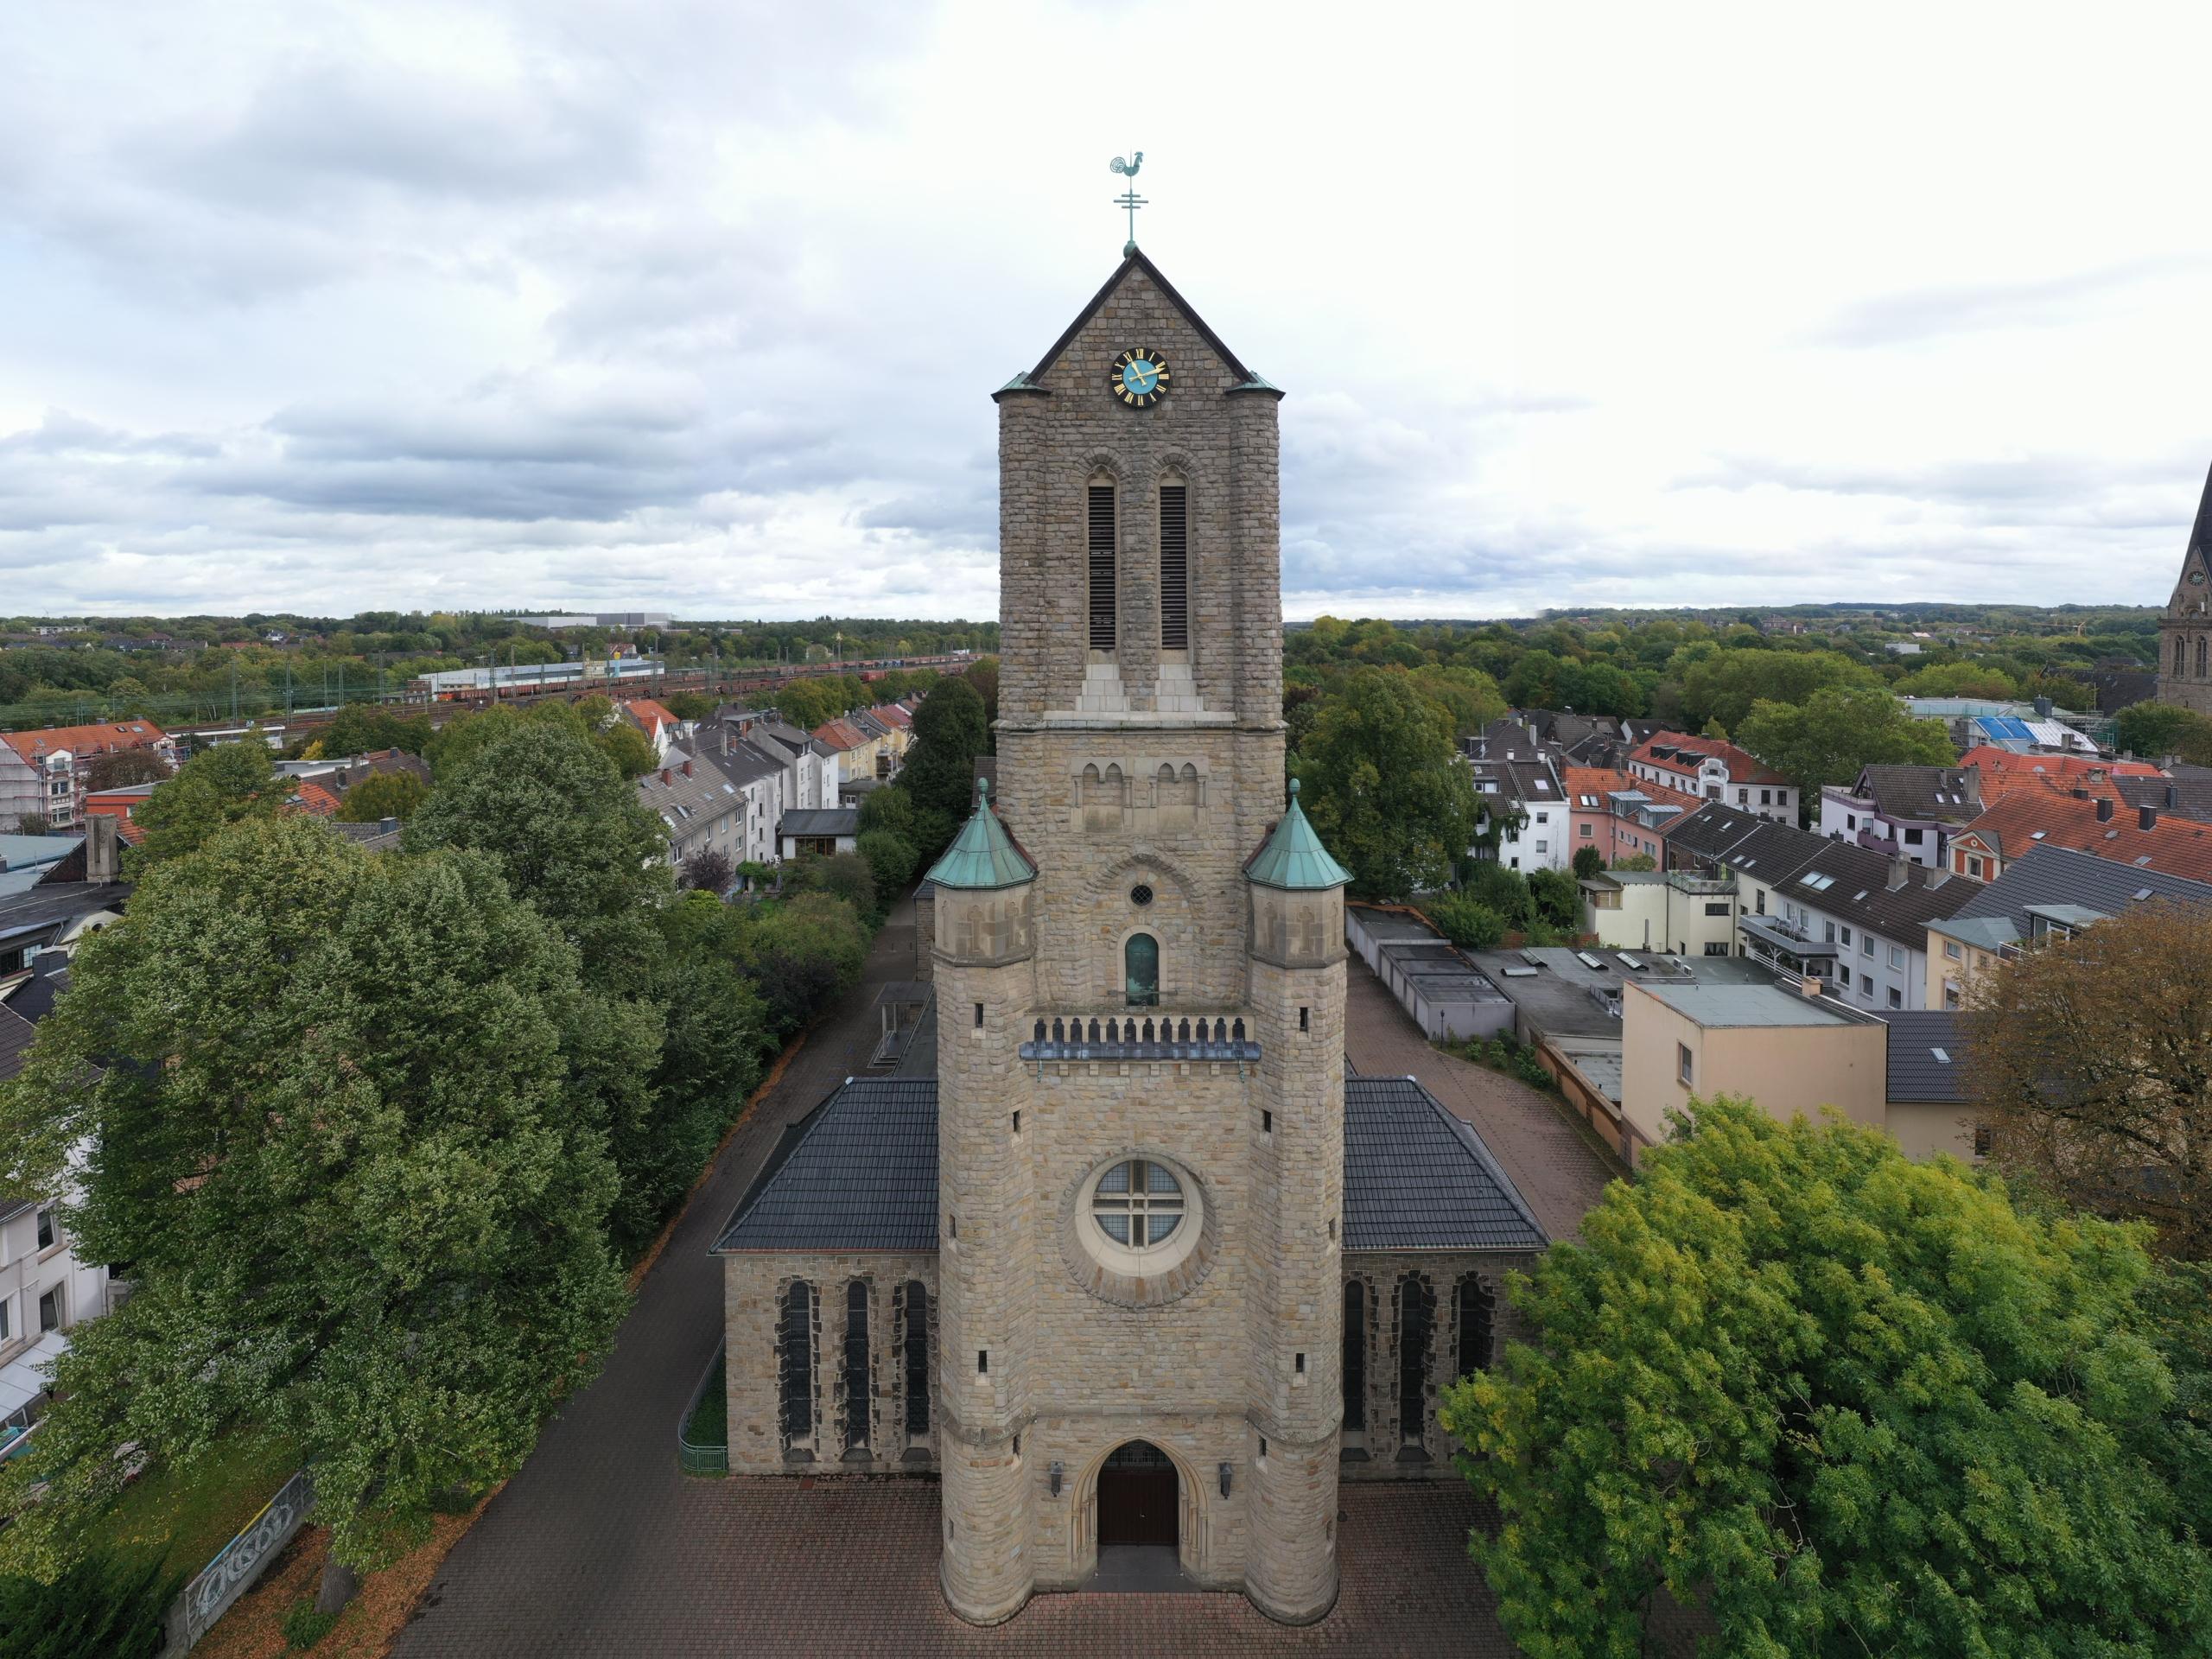 Luftaufnahme der St. Marienkirche in Langendreer